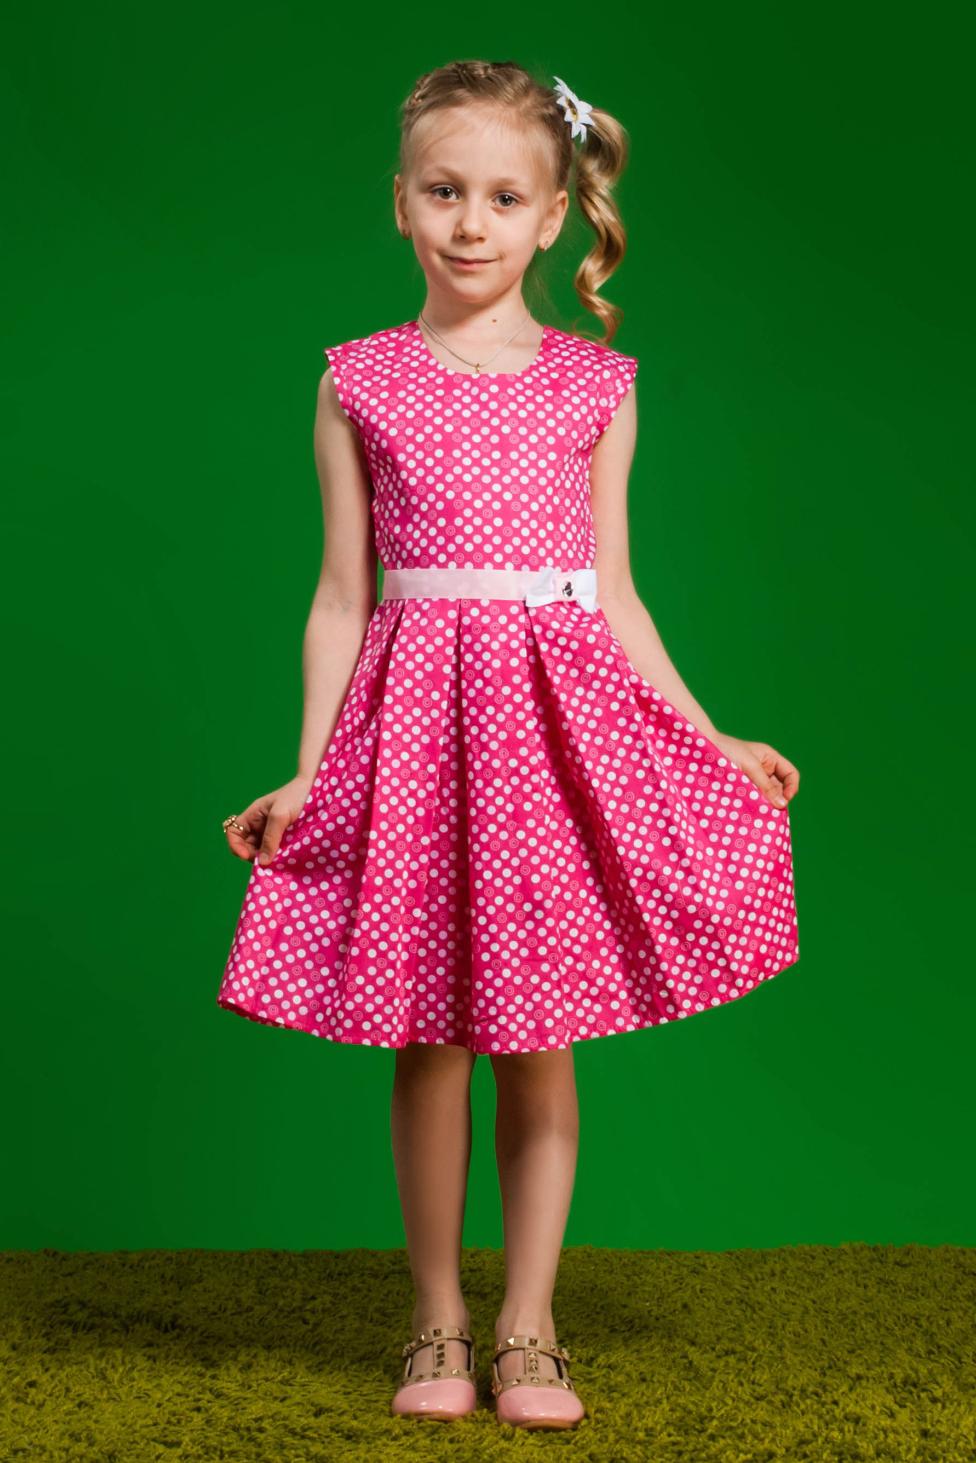 ПлатьеПлатья<br>Платье из натурального хлопка без подклады. По юбке заложины симметричные спереди и сзади складки. По объему регулируется поясом из репсовой ленты с бантом ручной работы, по центру которого крупная страза.В изделии использованы цвета: розовый, белыйРазмер 74 соответствует росту 70-73 смРазмер 80 соответствует росту 74-80 смРазмер 86 соответствует росту 81-86 смРазмер 92 соответствует росту 87-92 смРазмер 98 соответствует росту 93-98 смРазмер 104 соответствует росту 98-104 смРазмер 110 соответствует росту 105-110 смРазмер 116 соответствует росту 111-116 смРазмер 122 соответствует росту 117-122 смРазмер 128 соответствует росту 123-128 смРазмер 134 соответствует росту 129-134 смРазмер 140 соответствует росту 135-140 смРазмер 146 соответствует росту 141-146 смРазмер 152 соответствует росту 147-152 смРазмер 158 соответствует росту 153-158 смРазмер 164 соответствует росту 159-164 смРазмер 170 соответствует росту 165-170 см<br><br>Горловина: С- горловина<br>Возраст: Ясельные ( от 1 до 3 лет),Дошкольные ( от 3 до 7 лет),Школьные ( от 7 до 13 лет)<br>Длина: Миди<br>Материал: Трикотажные,Хлопковые<br>Образ: Повседневные,Уличные<br>Рисунок: В горошек,С принтом (печатью),Цветные<br>Сезон: Зима,Осень,Весна<br>Силуэт: Полуприталенные<br>Стиль: Летние,Нарядные,Повседневные<br>Форма: Трапеция<br>Элементы: Без рукавов,С декором,С поясом<br>Размер : 104,116,122,134,140,146,98<br>Материал: Хлопок<br>Количество в наличии: 7